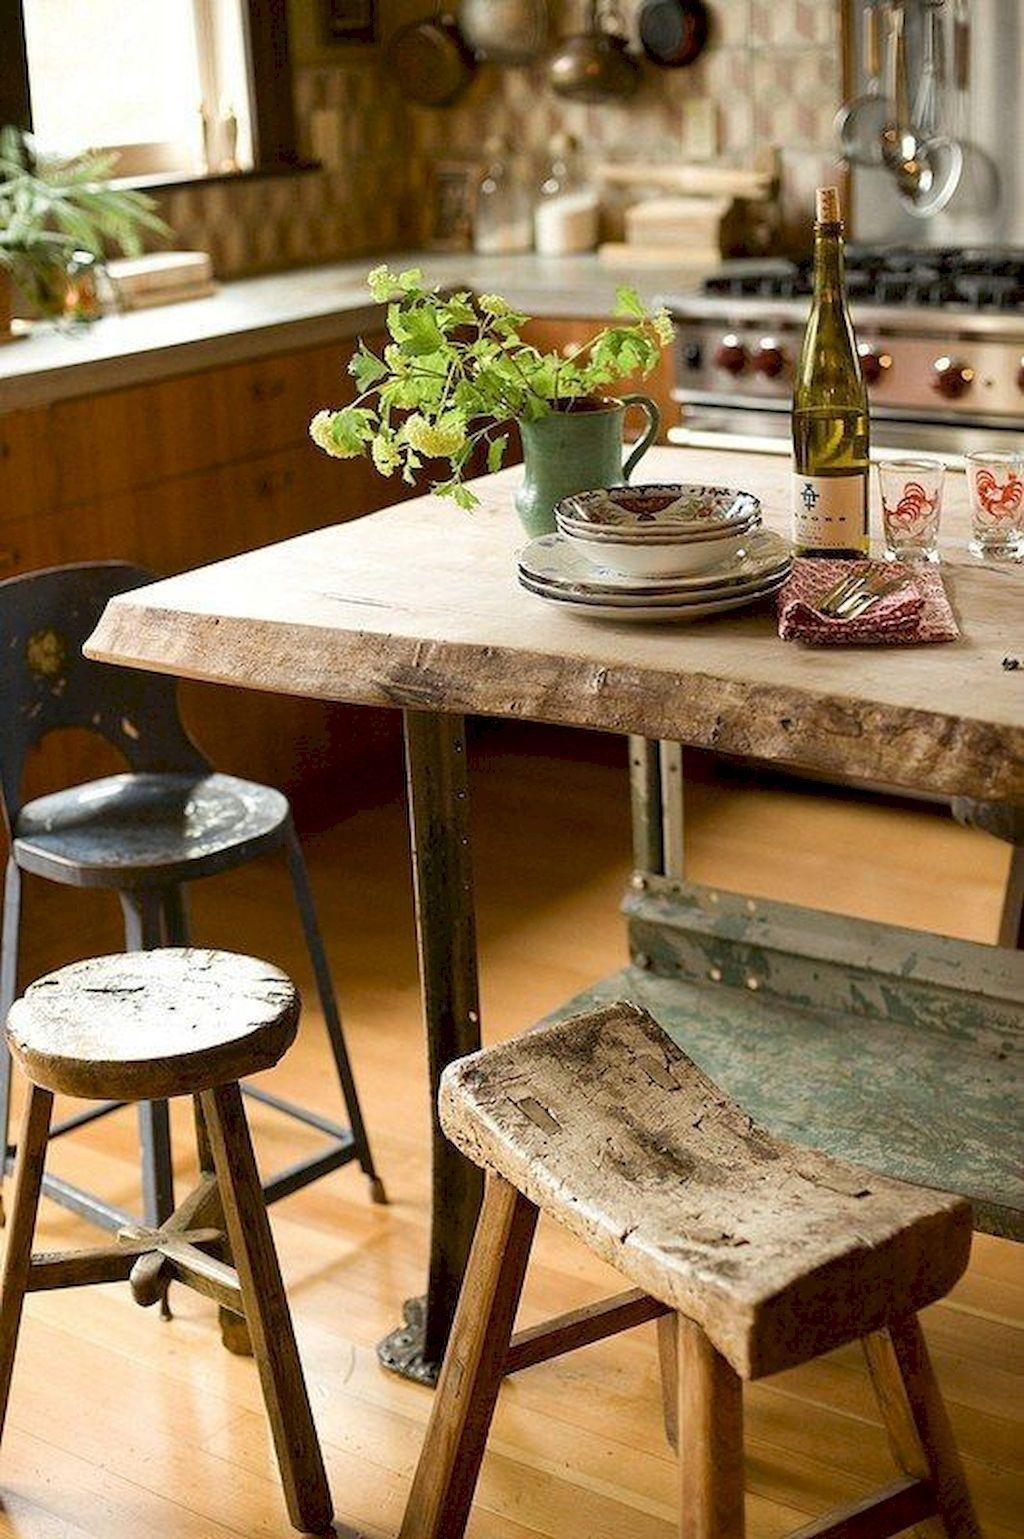 Một vài chiếc ghế cũ kỹ vẫn có thể tạo vẻ đẹp thô mộc và mang lại nét tinh tế cho không gian